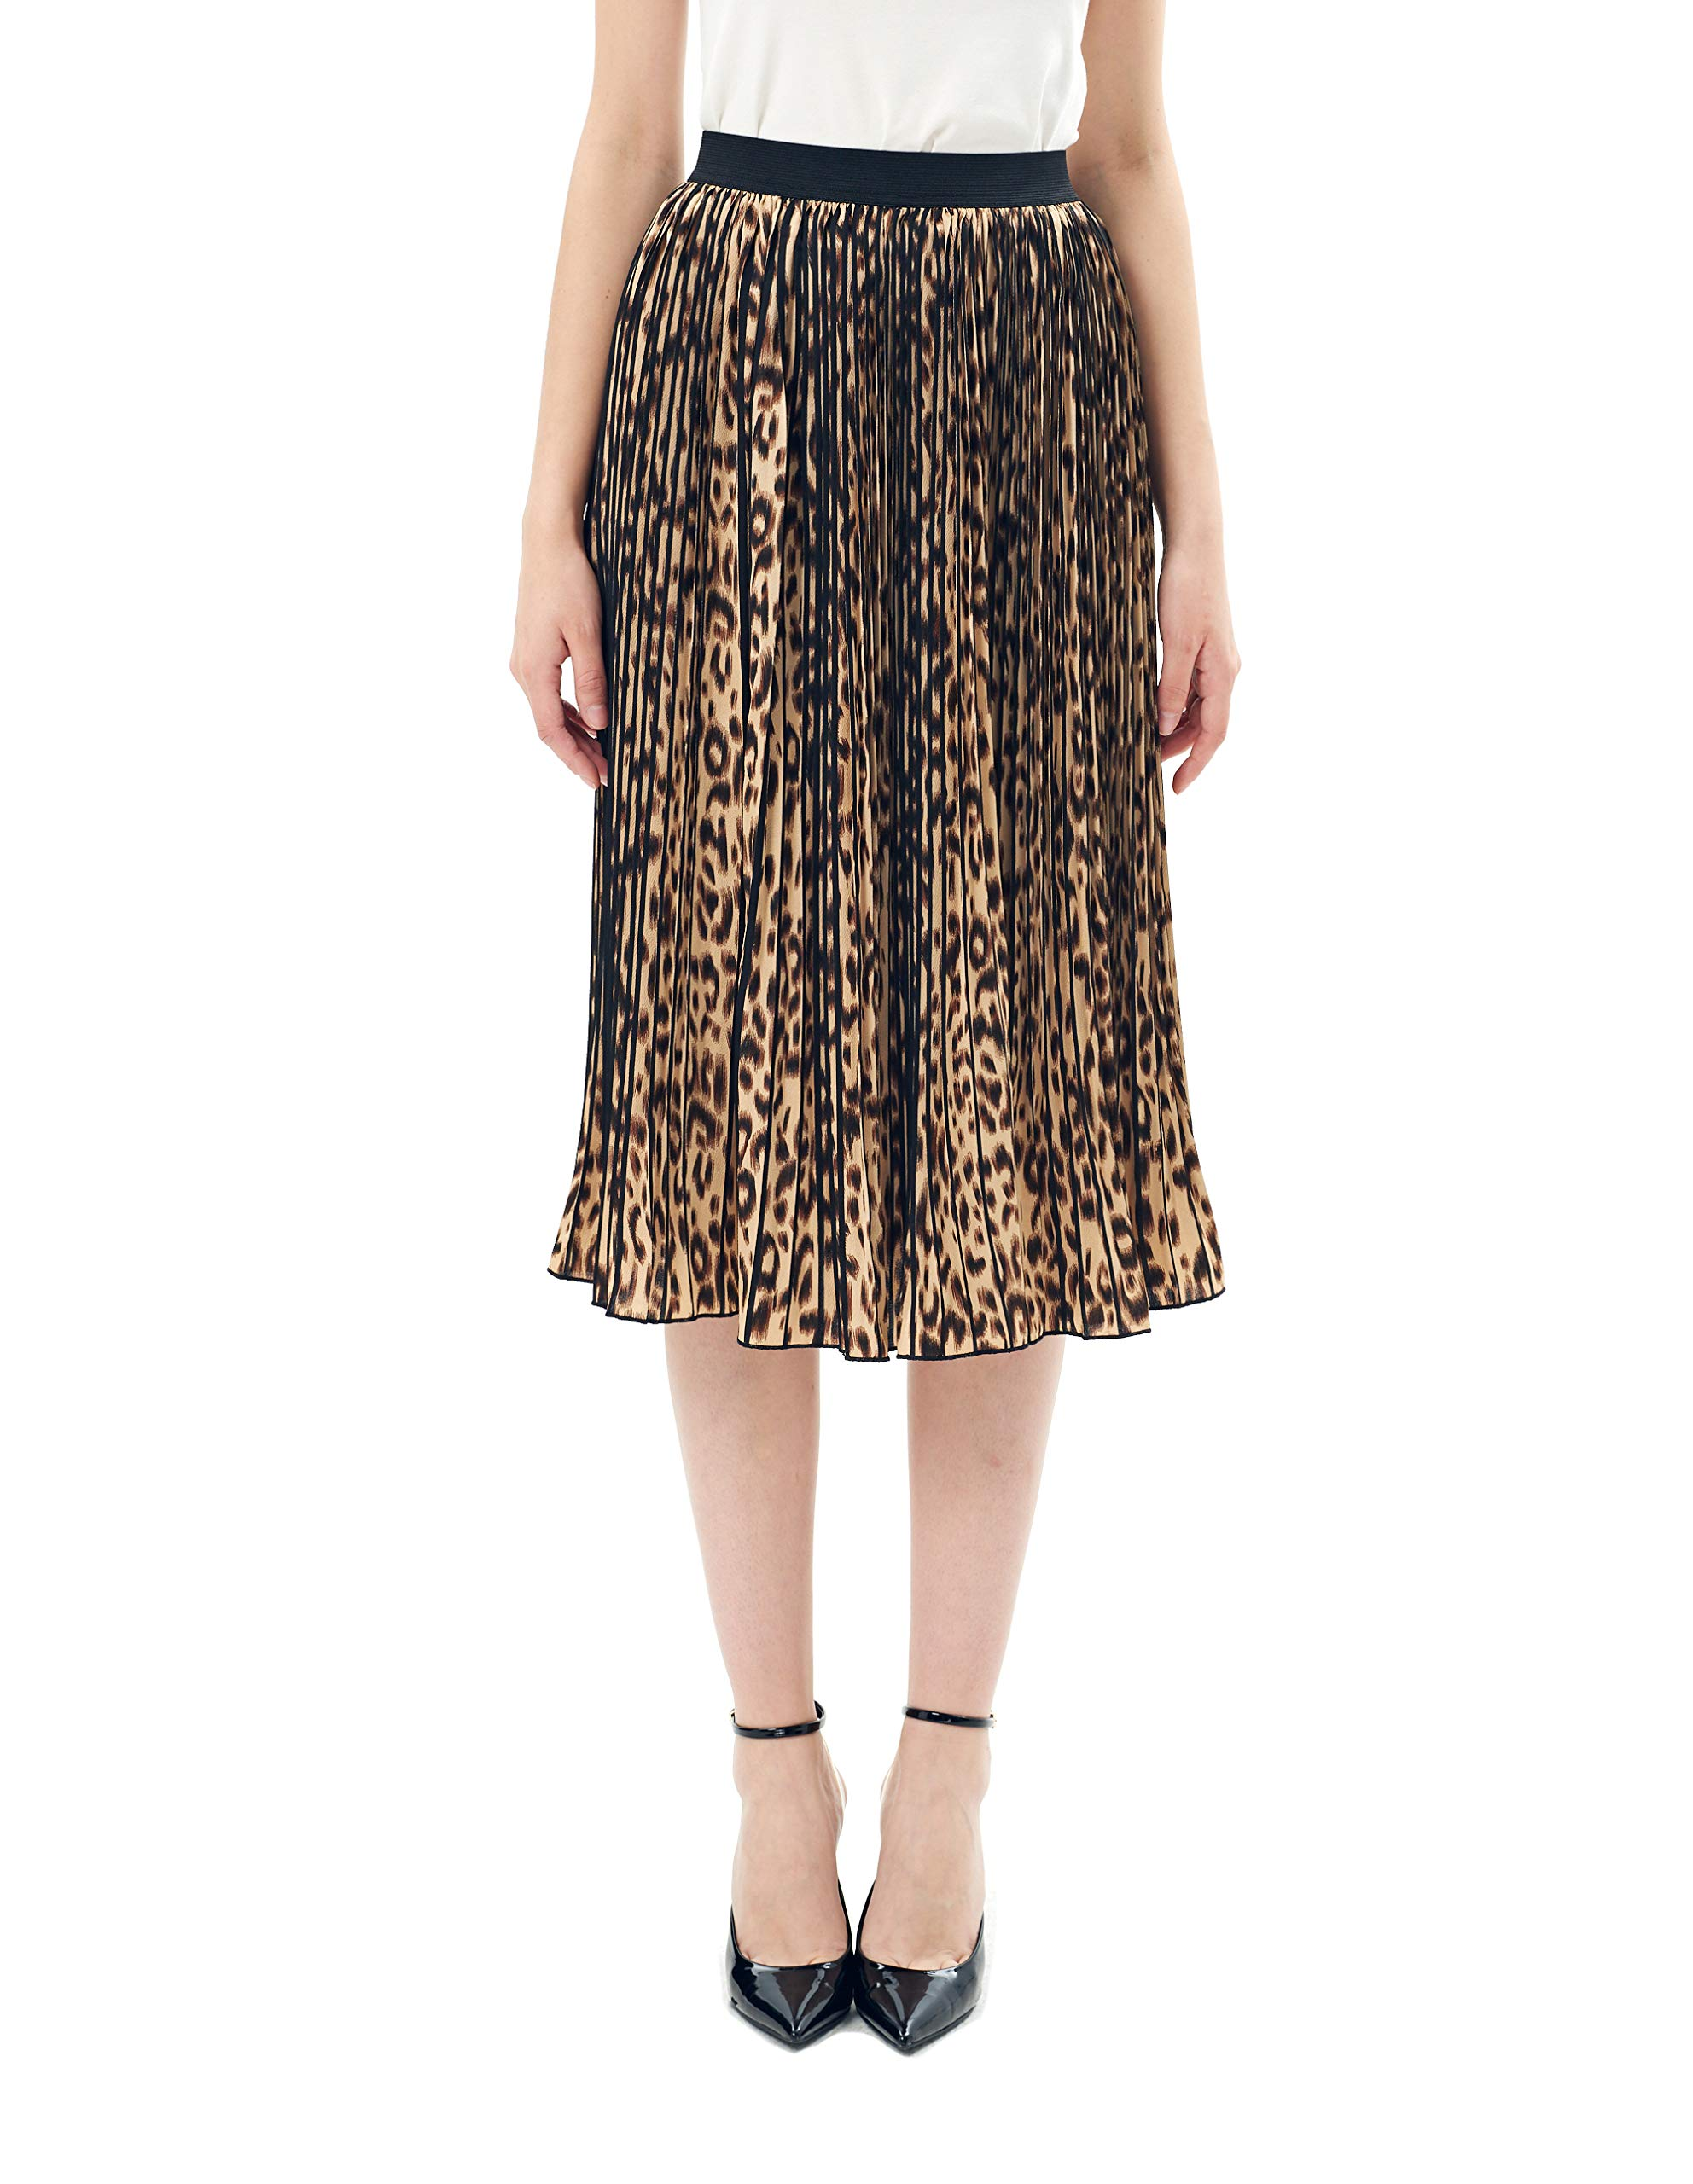 Charis Allure Women's Leopard Chiffon A-Line Pleated Midi Skirt